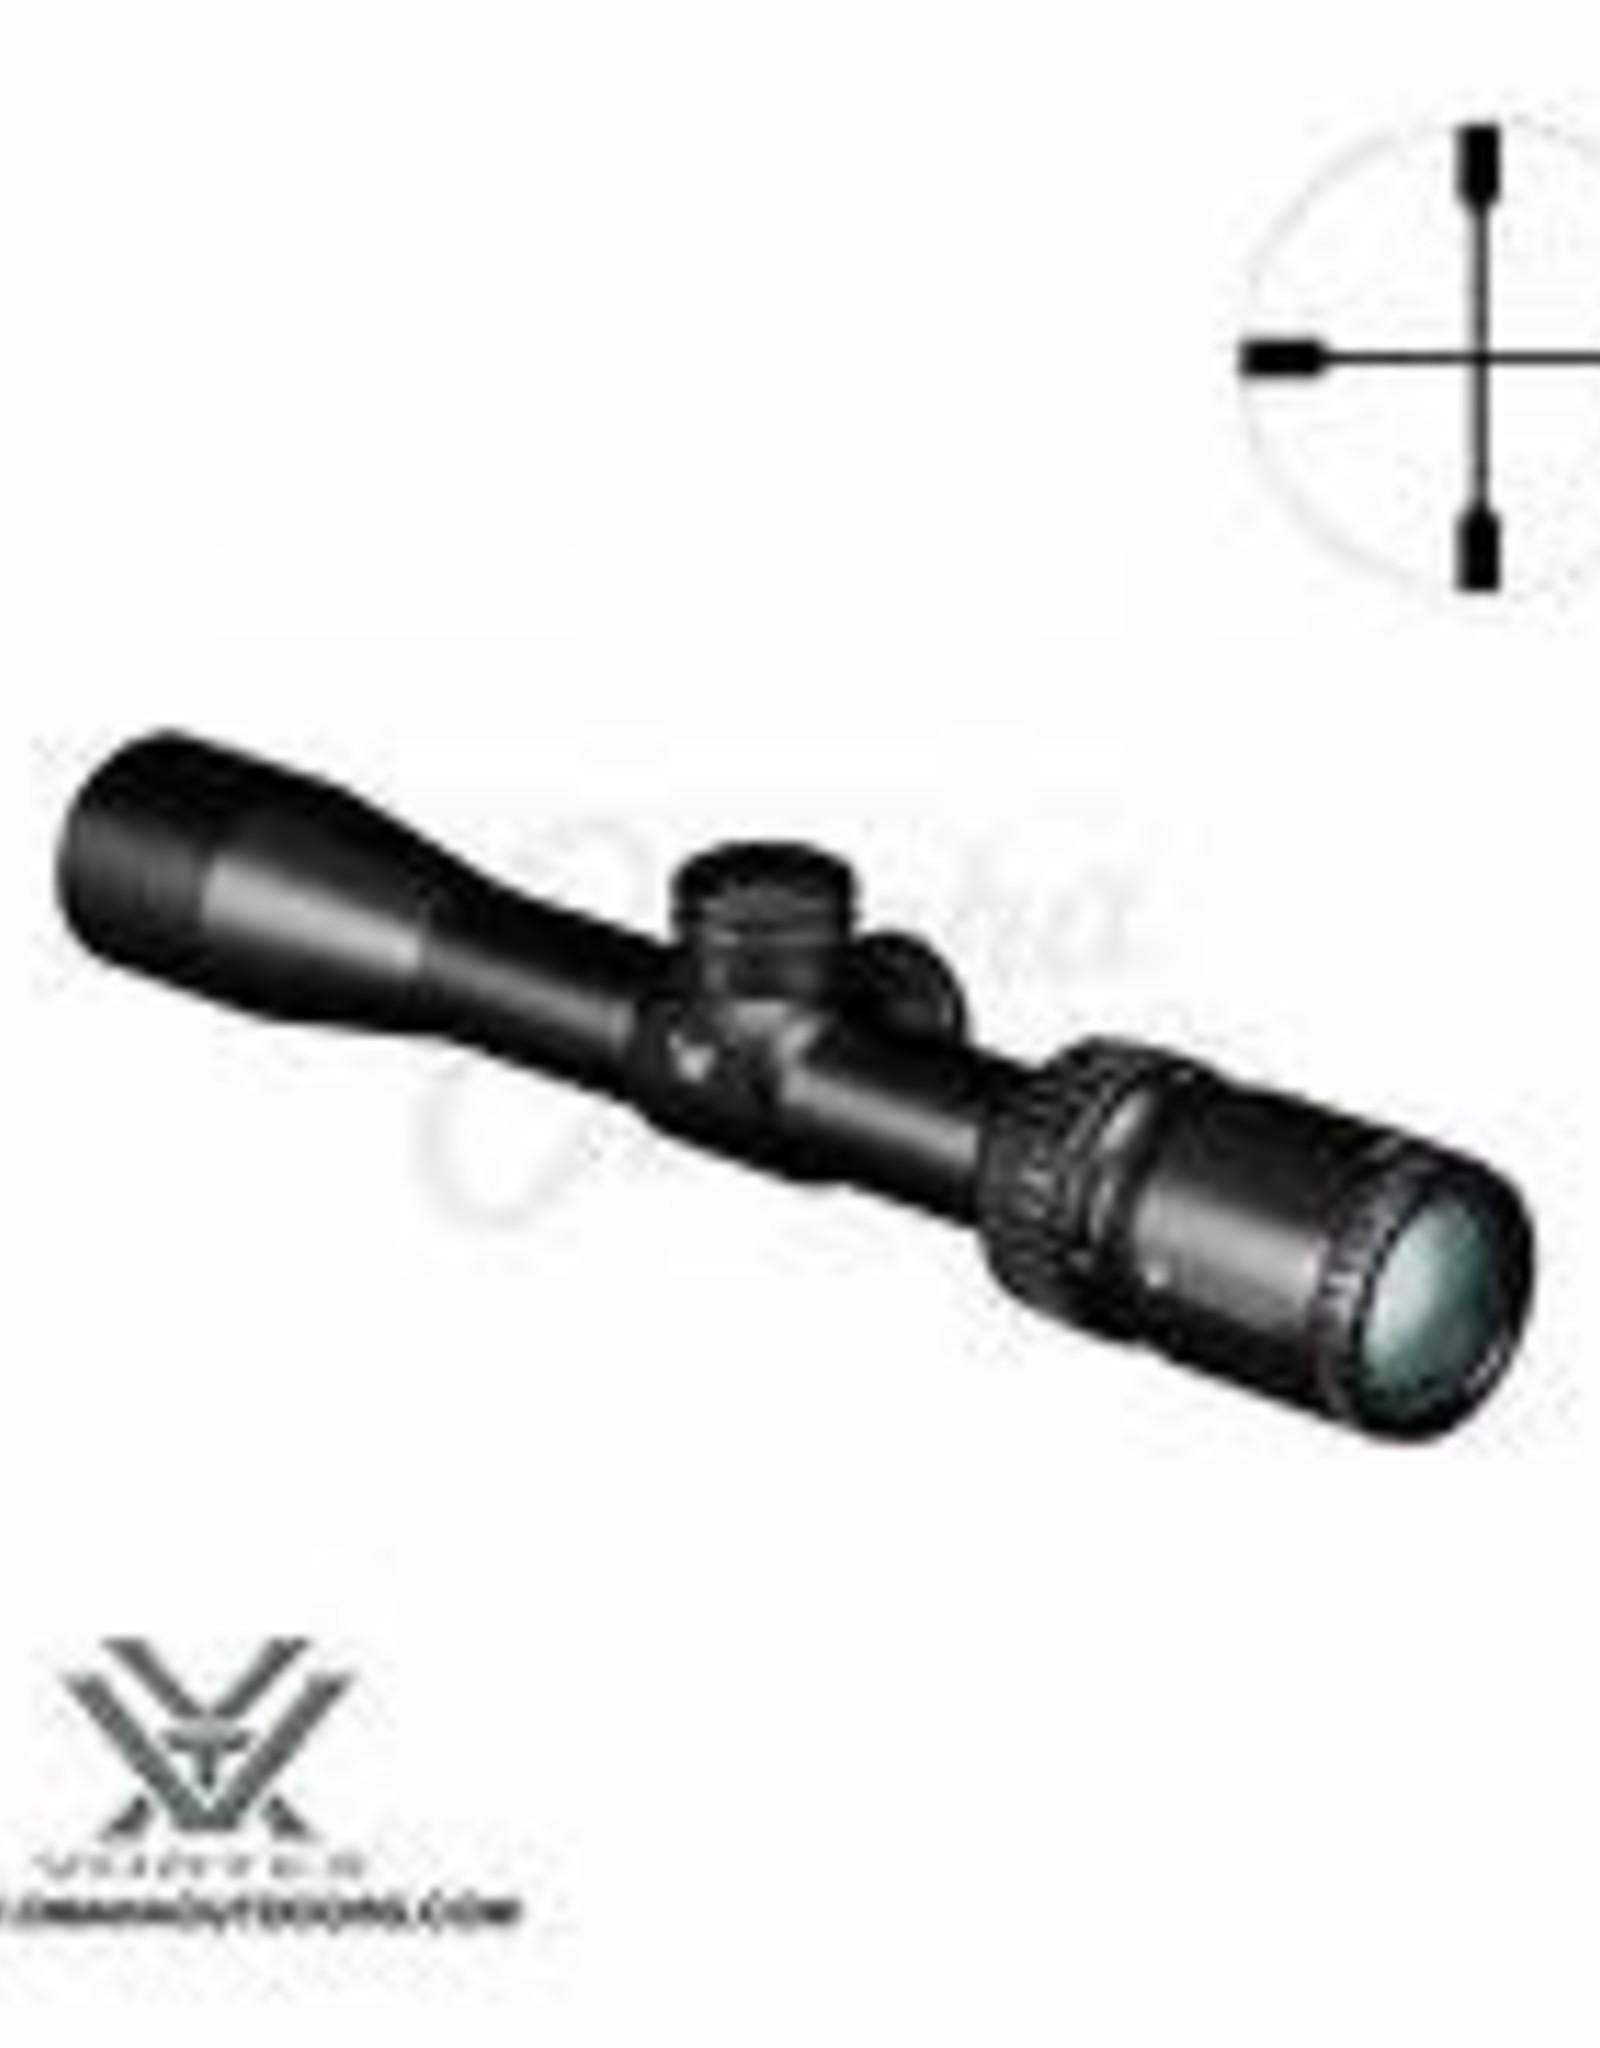 Vortex 2-7x32 Scout V-Plex